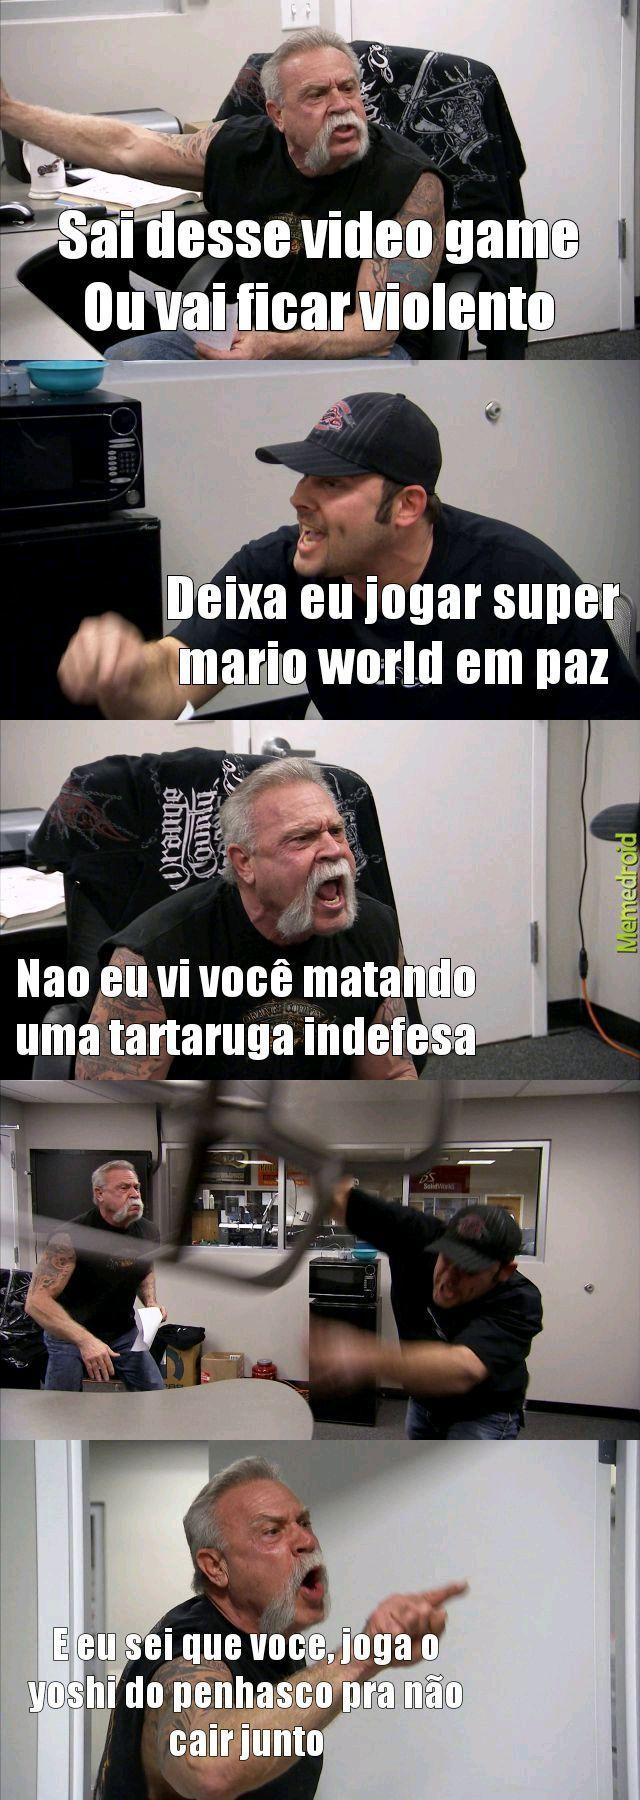 Hitler - meme